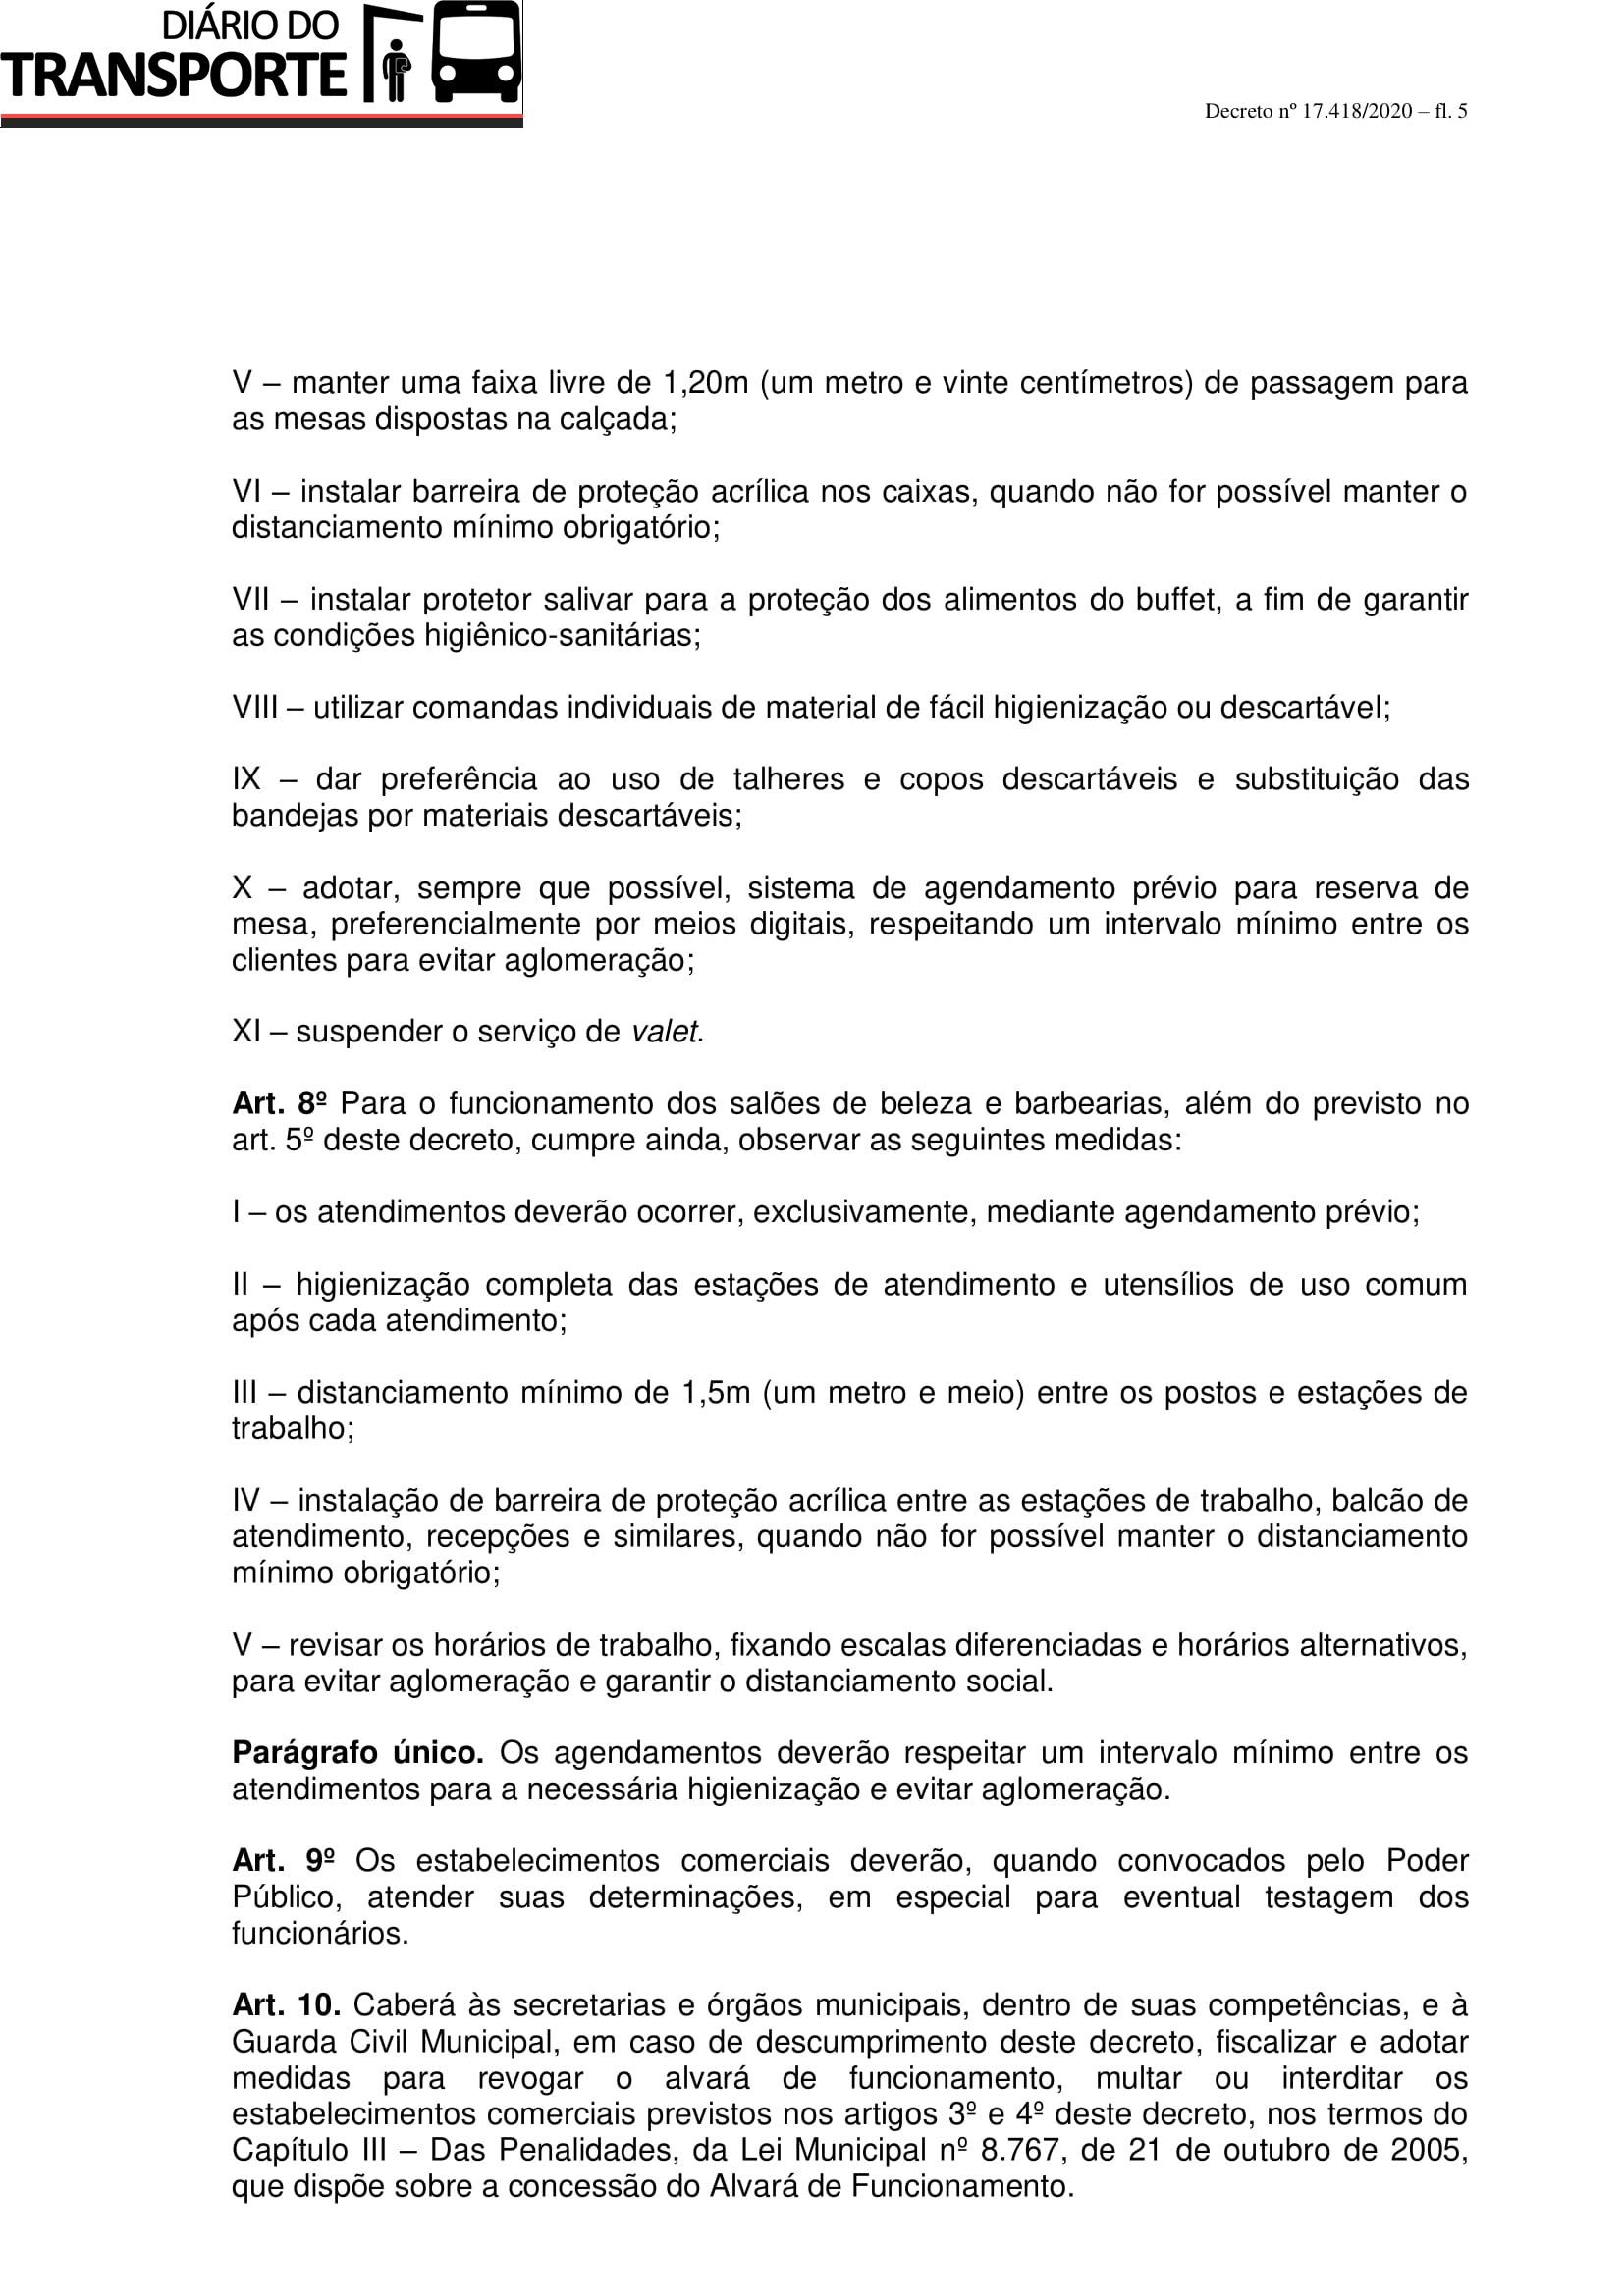 Decreto nº 17.418 (Retomada gradual e consciente da economia - fase amarela)-5